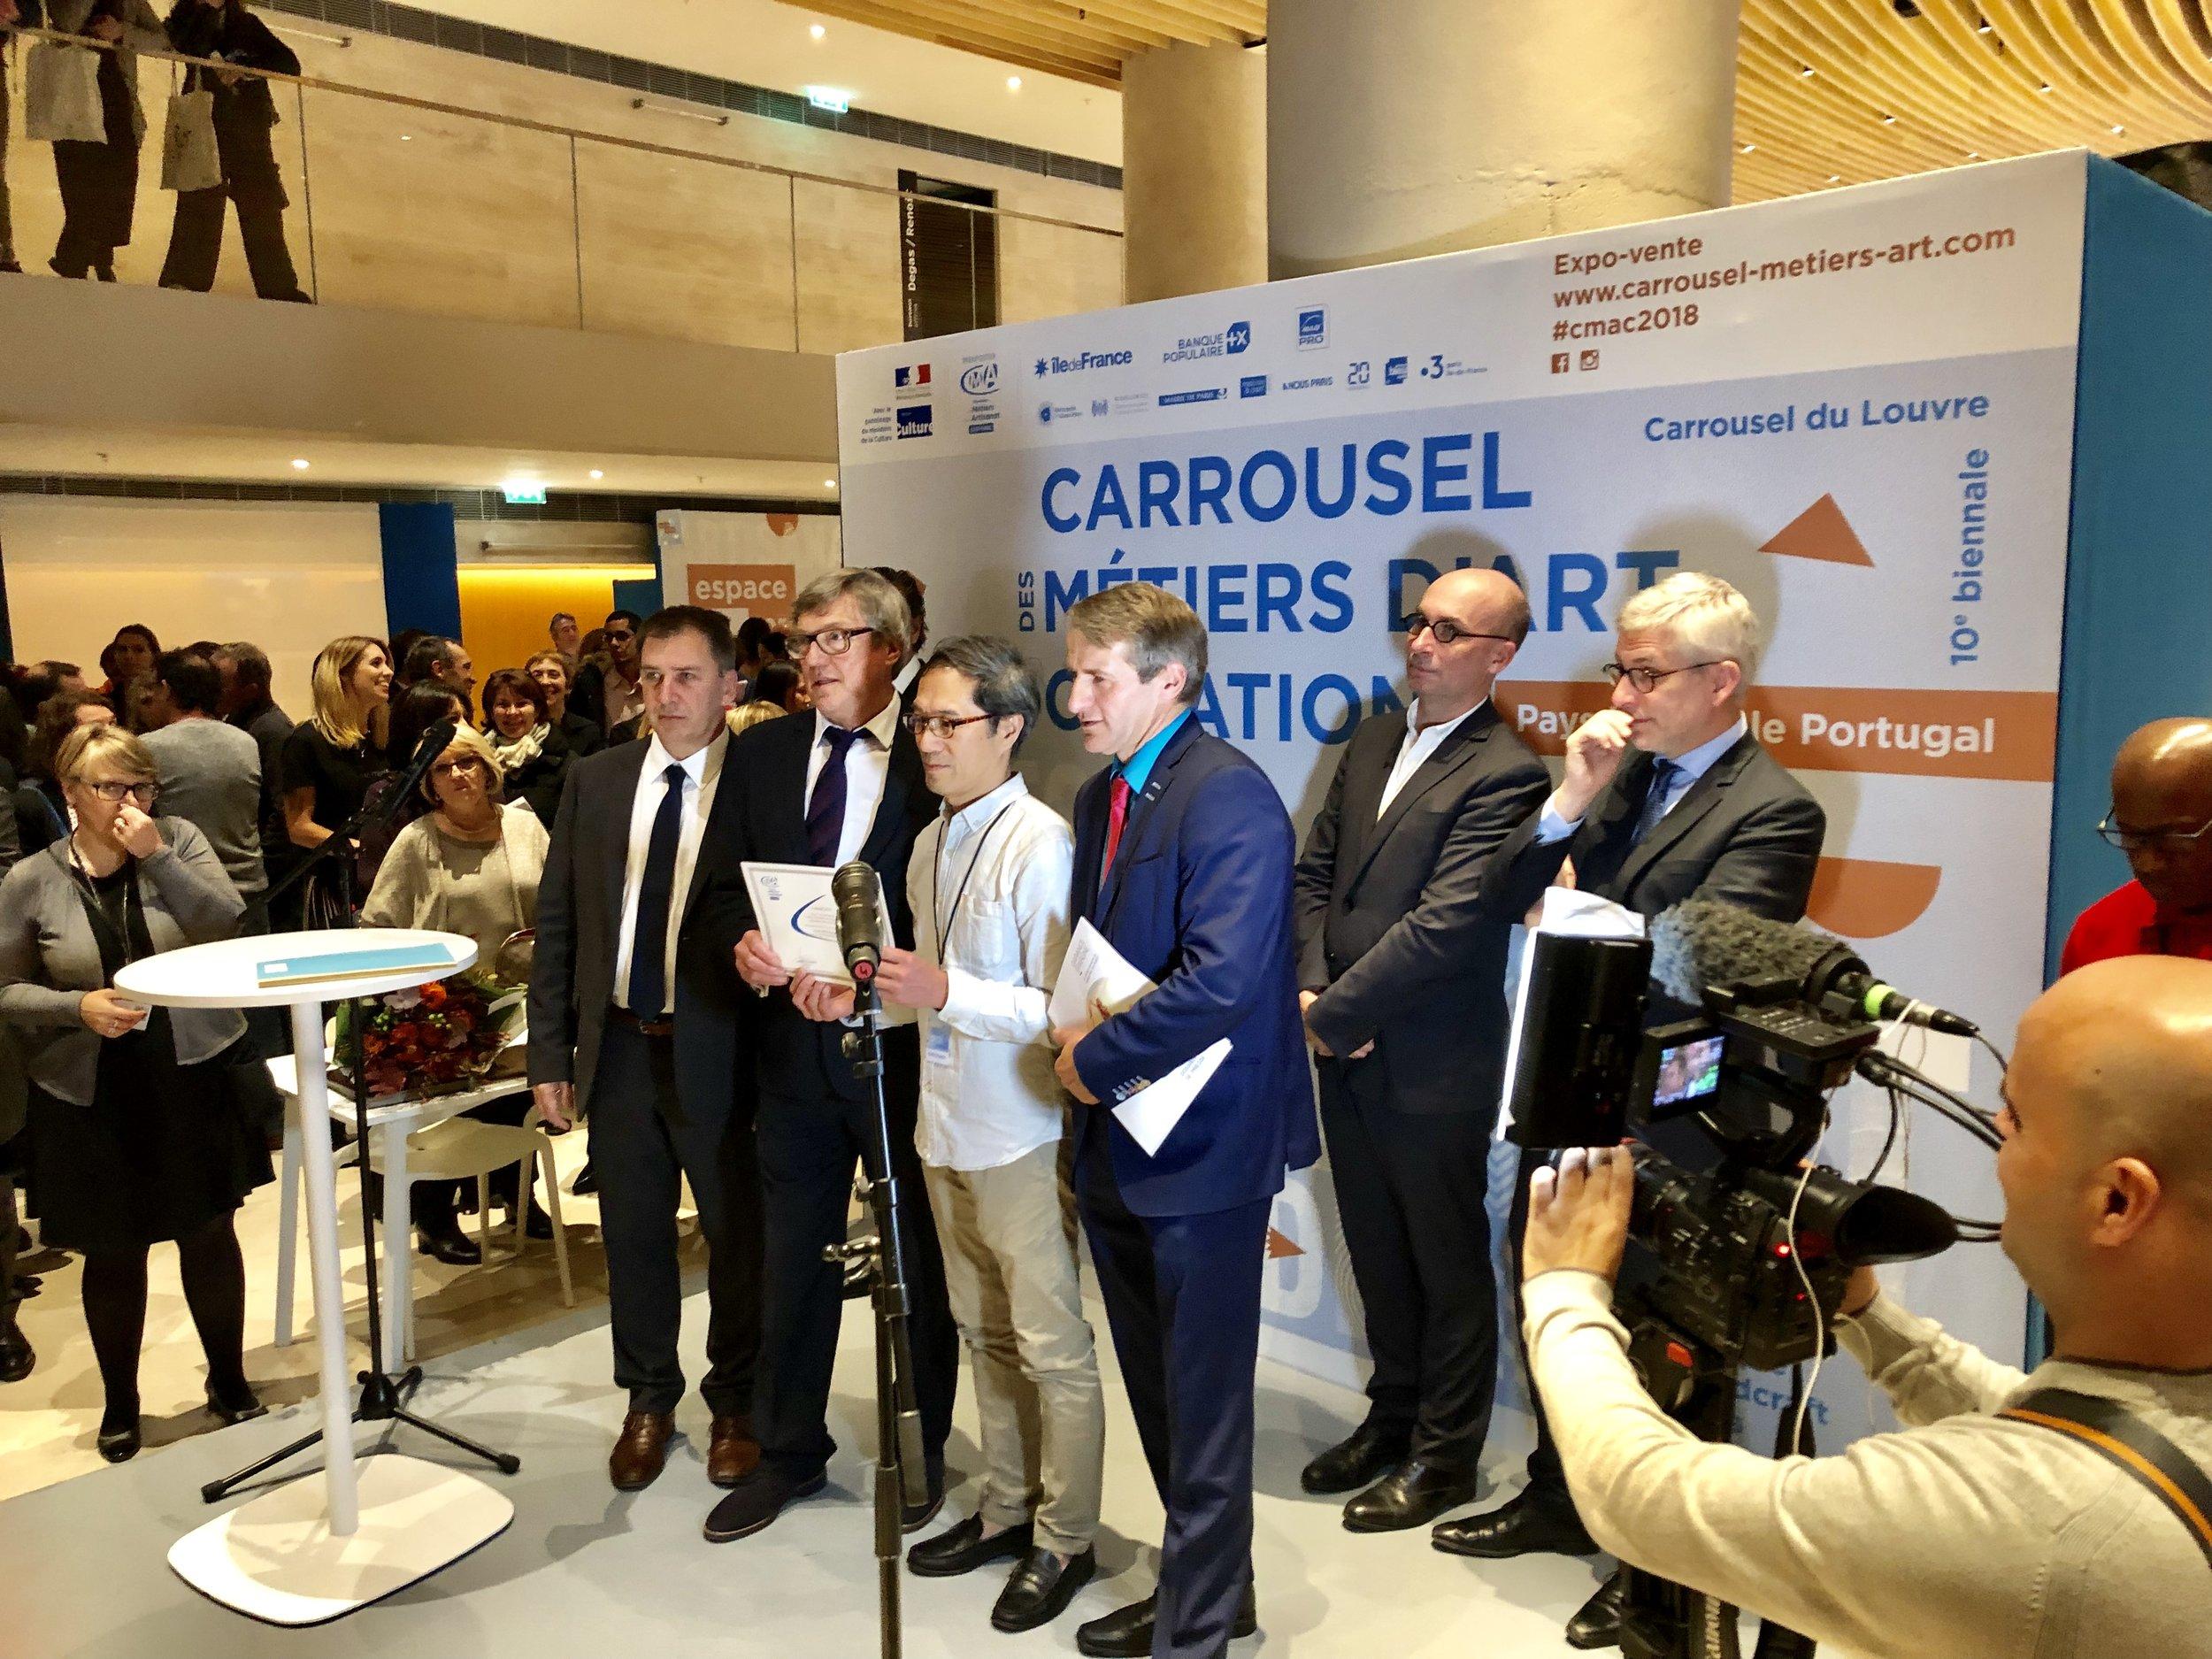 Prix Jeunes Talents 2018 au Carrousel du Louvre PARIS